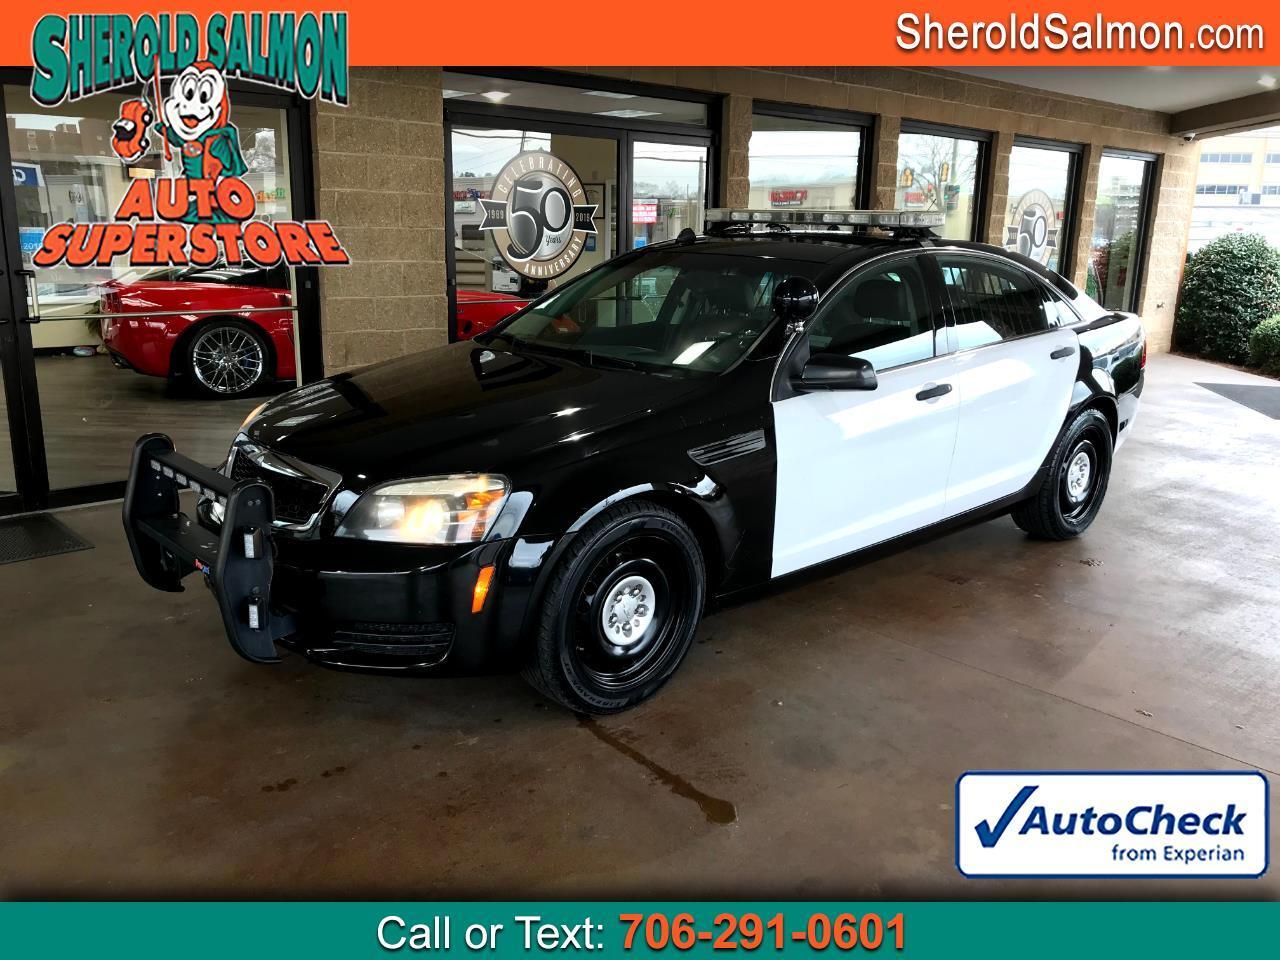 Chevrolet Caprice Police Patrol Vehicle 4dr Sdn Police 2012